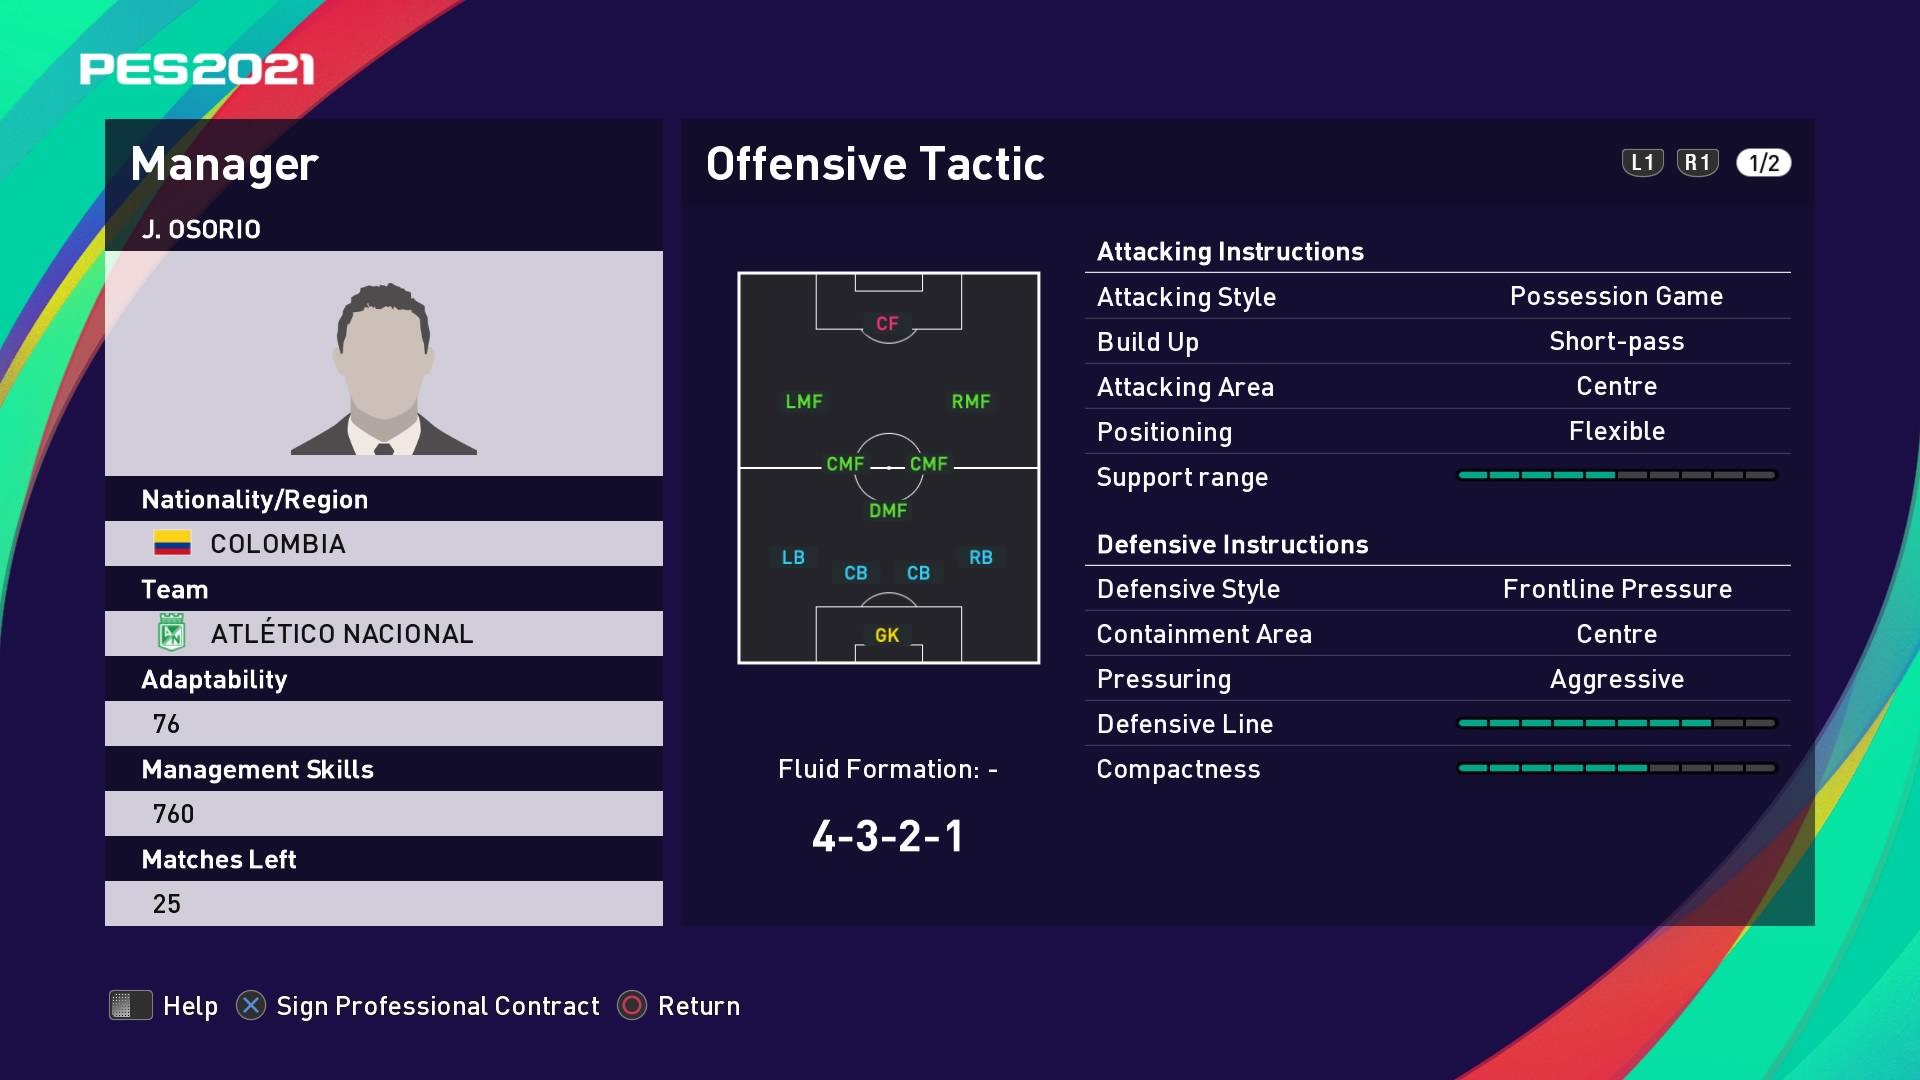 J. Osorio (Juan Carlos Osorio) Offensive Tactic in PES 2021 myClub